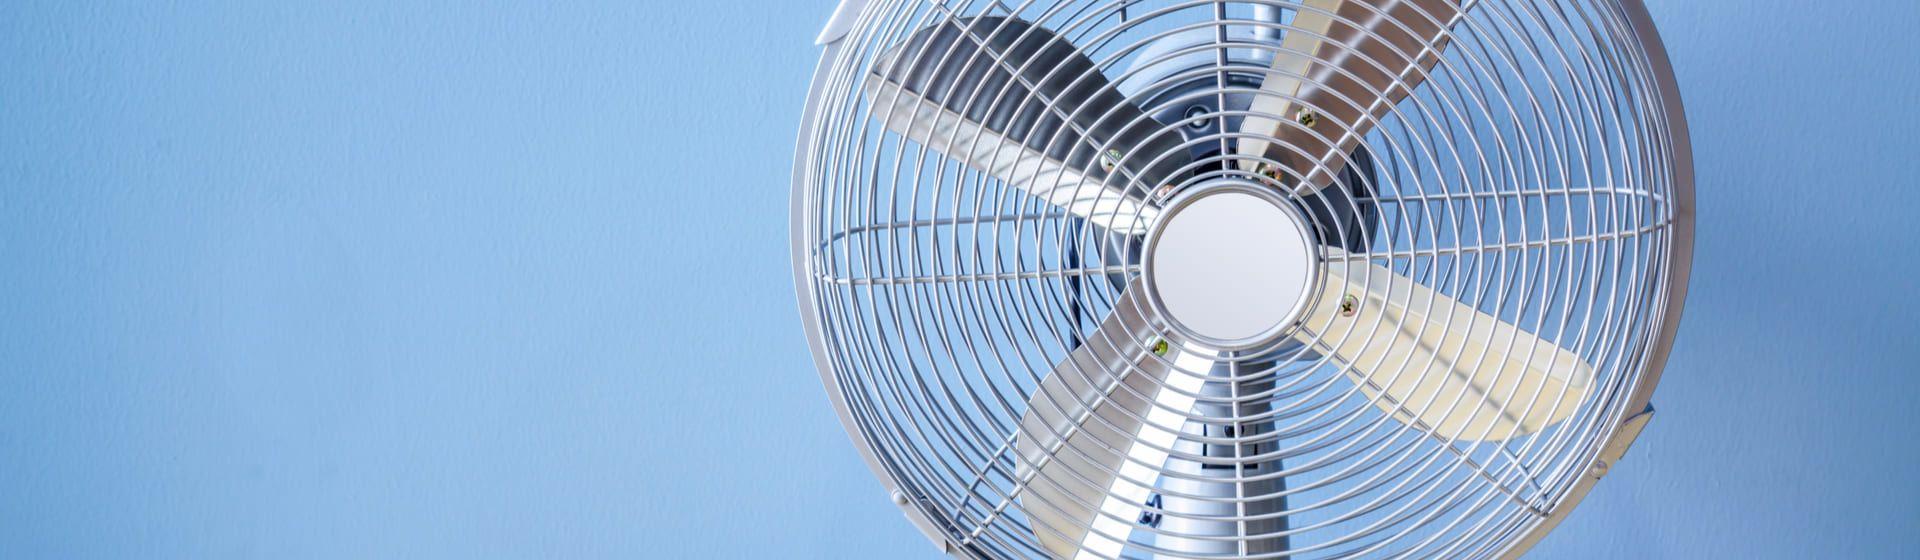 Selo Ruído: veja como garantir um ventilador silencioso ou aspirador de pó silencioso